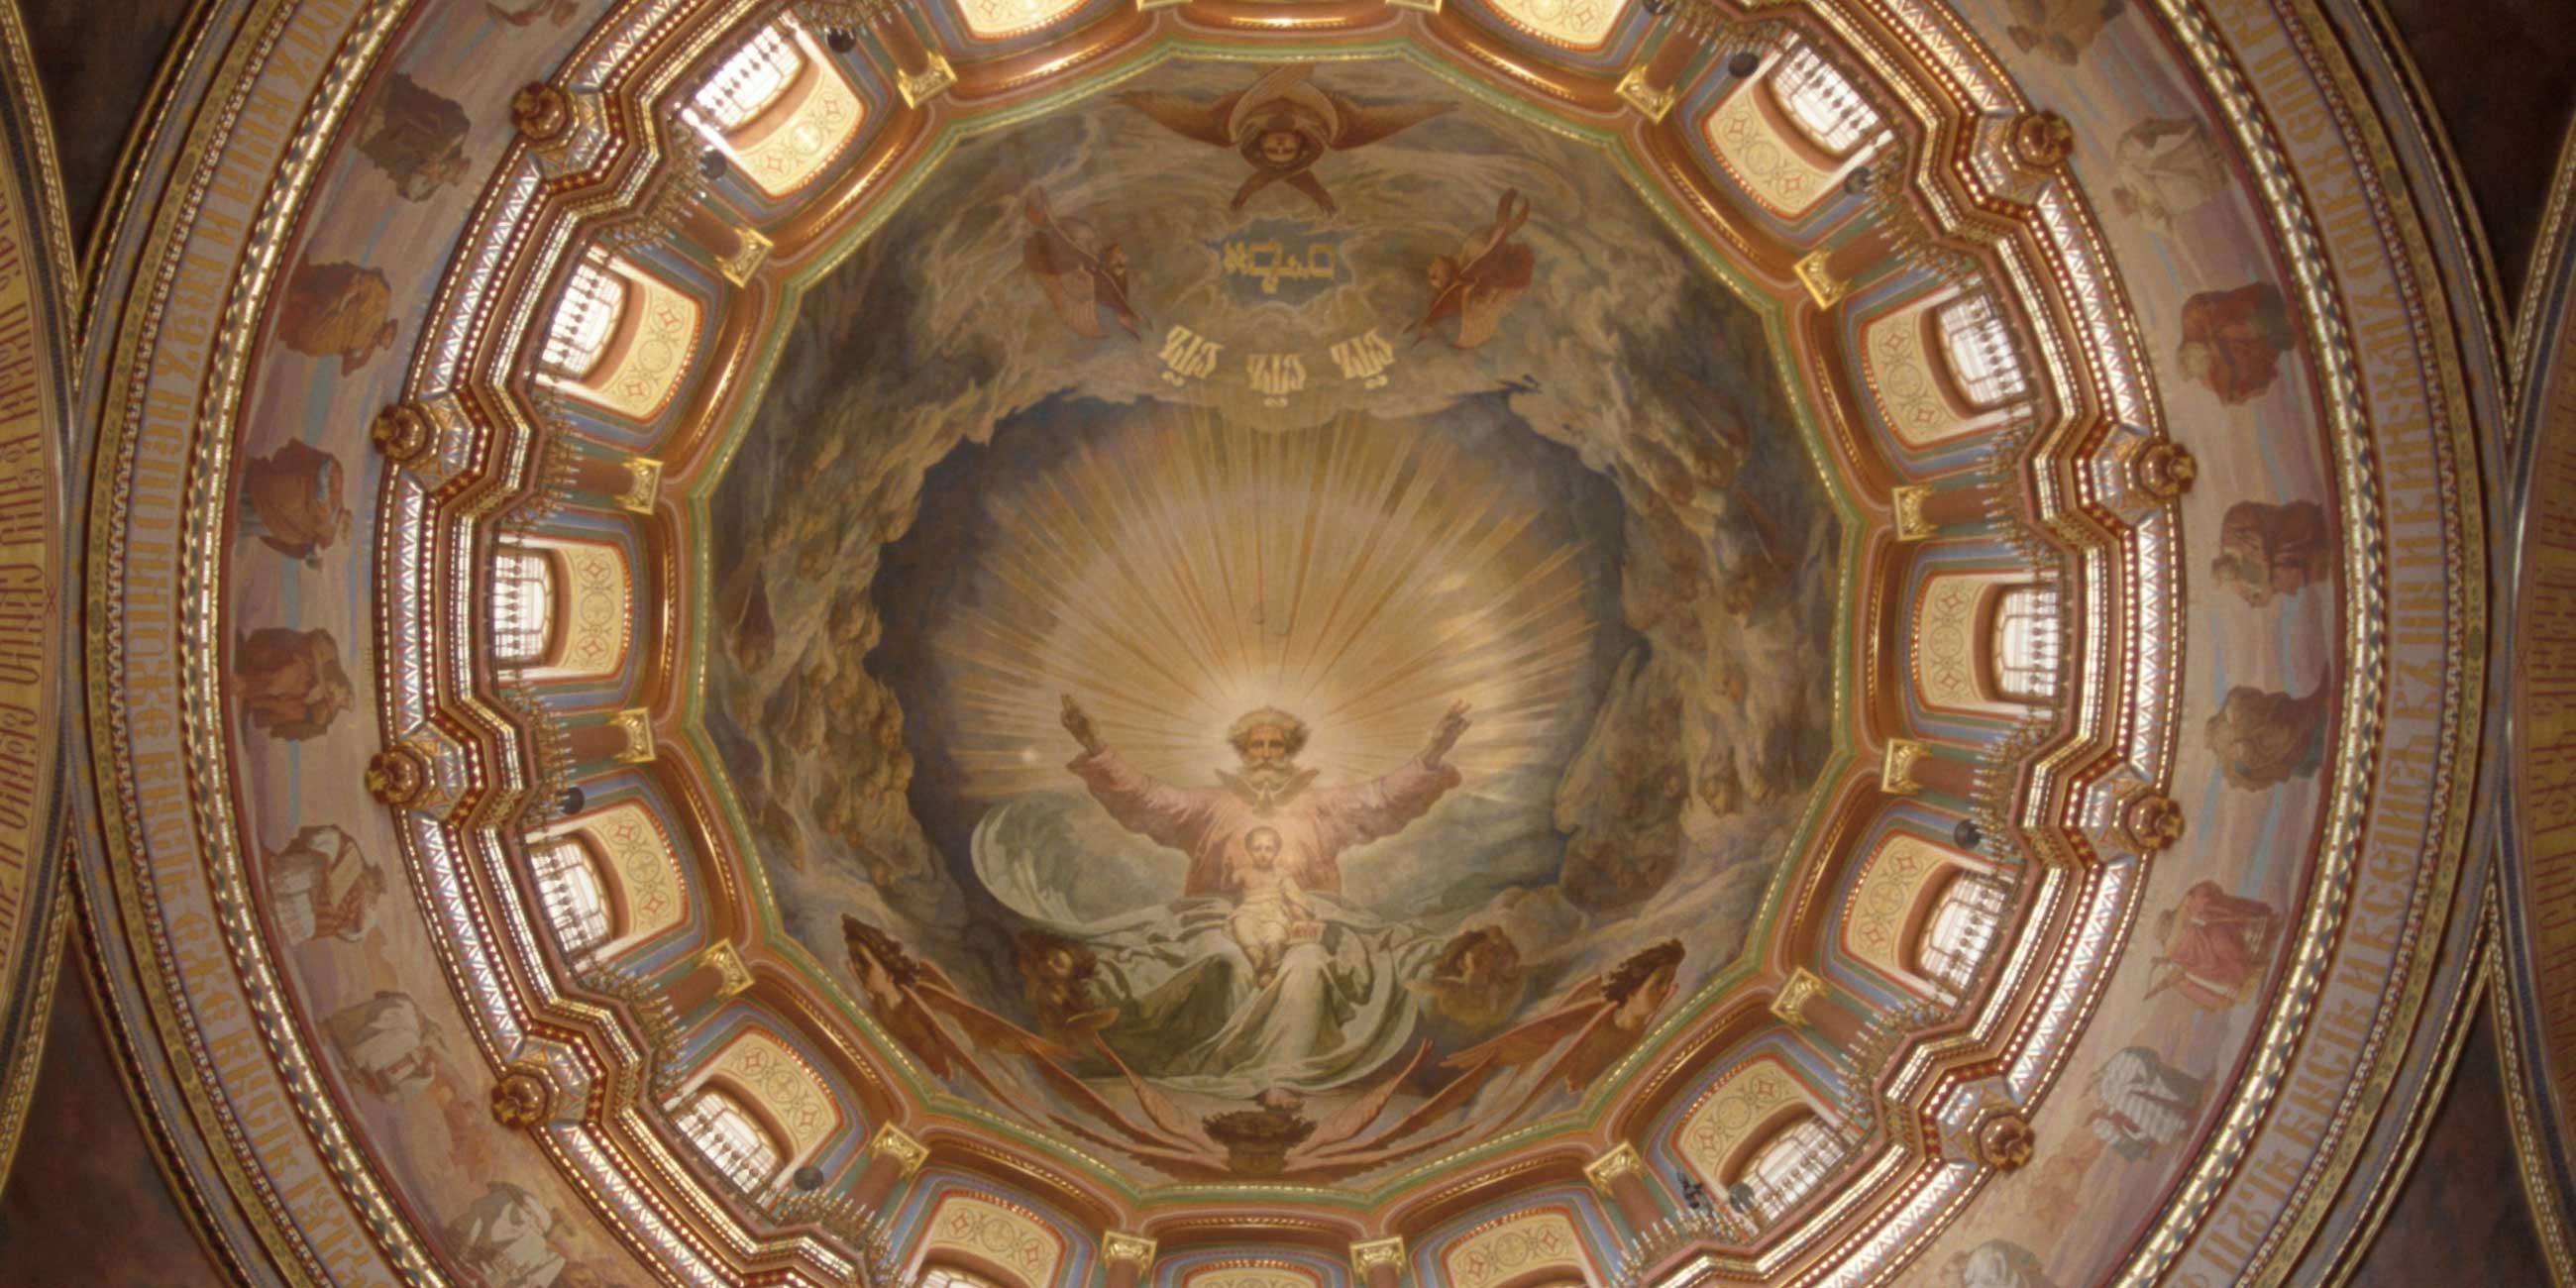 Росписи внутри храма занимают площадь 22 тысячи квадратных метров.Фото: globallookpress.com